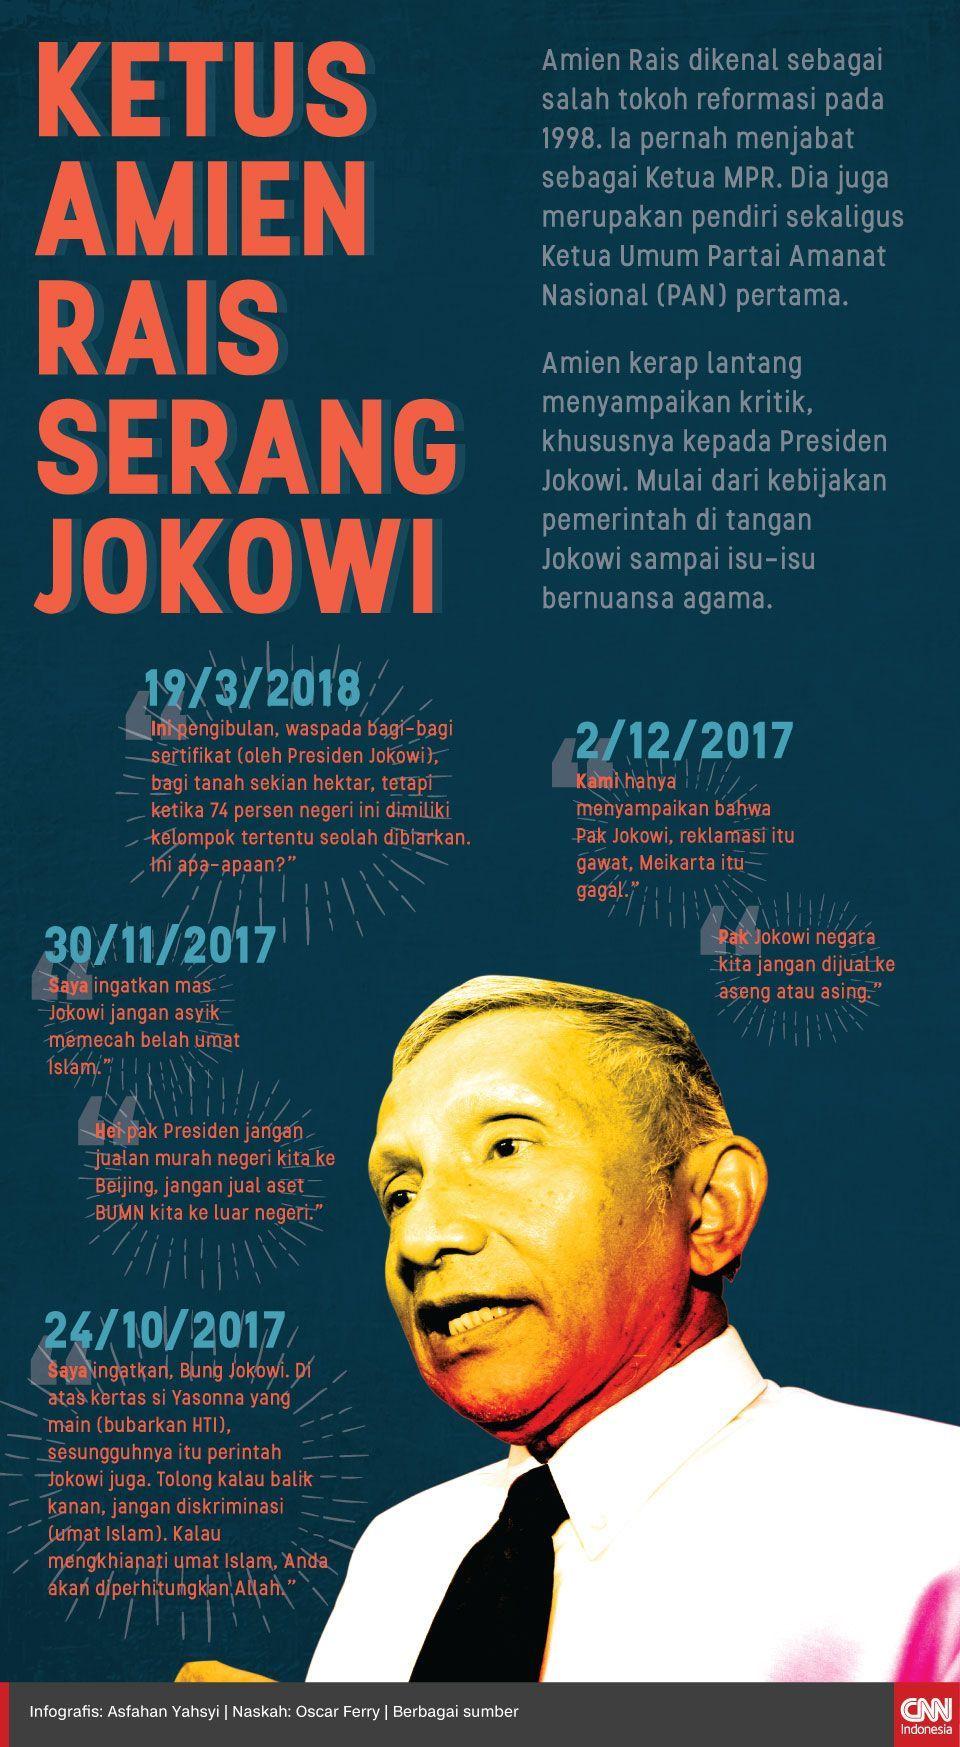 Infografis Ketus Amien Rais Serang Jokowi